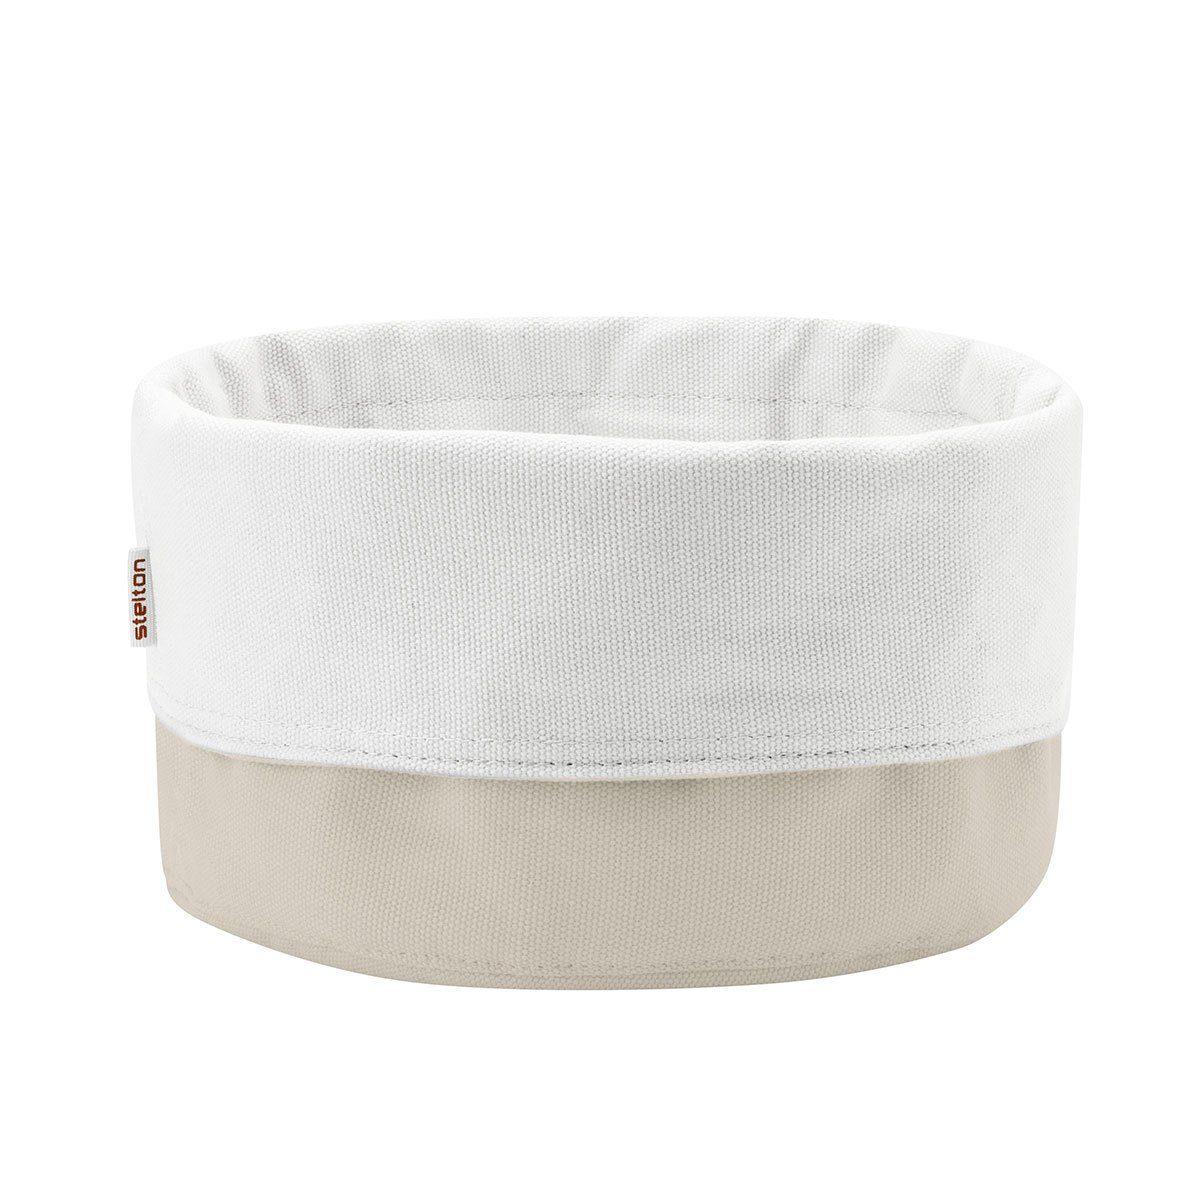 Stelton Stelton Brottasche sand-weiß 23cm